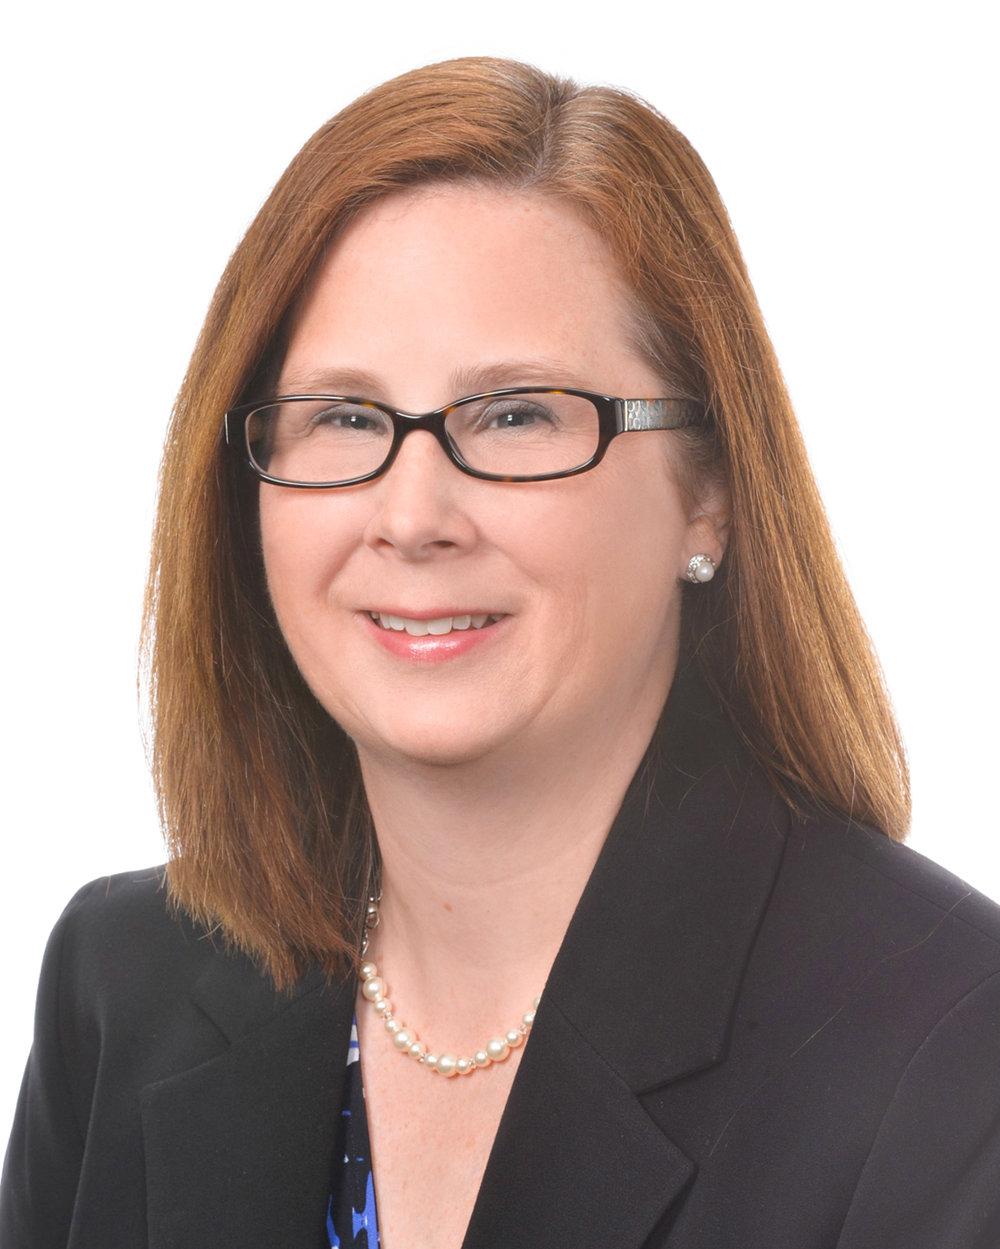 Sara Blevins Director